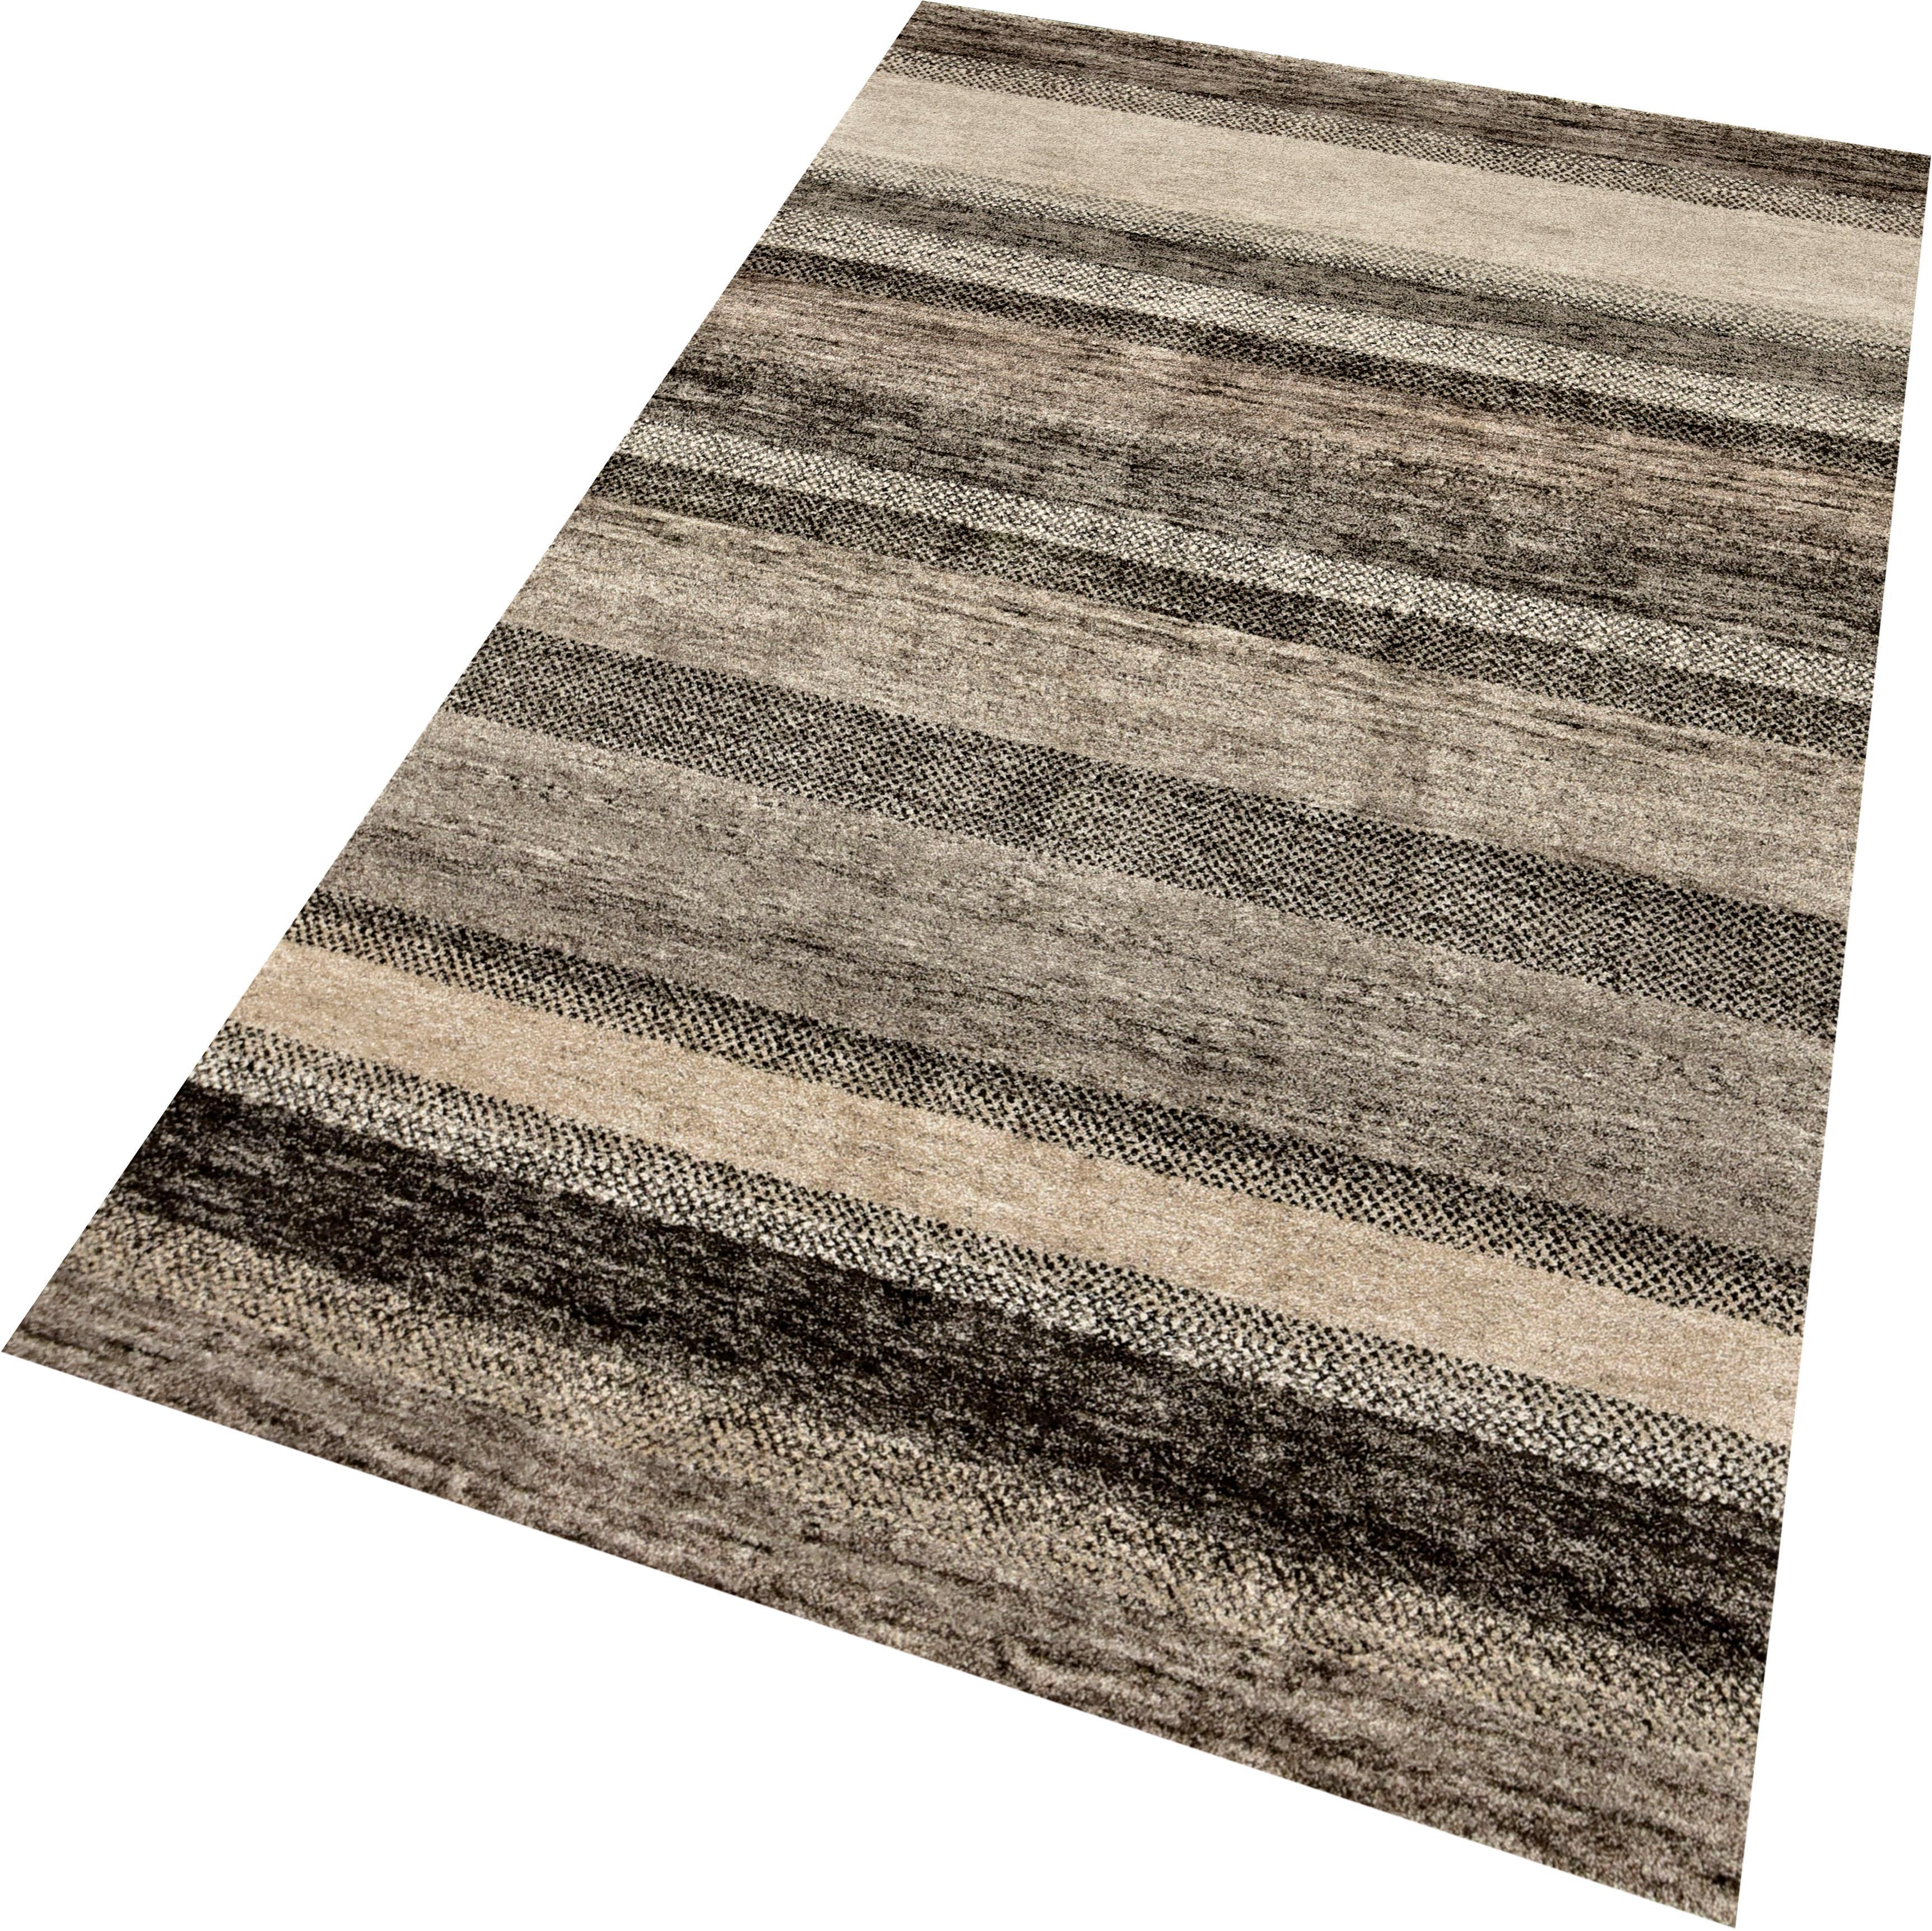 Teppich Milano 1455 merinos rechteckig Höhe 10 mm maschinell gewebt